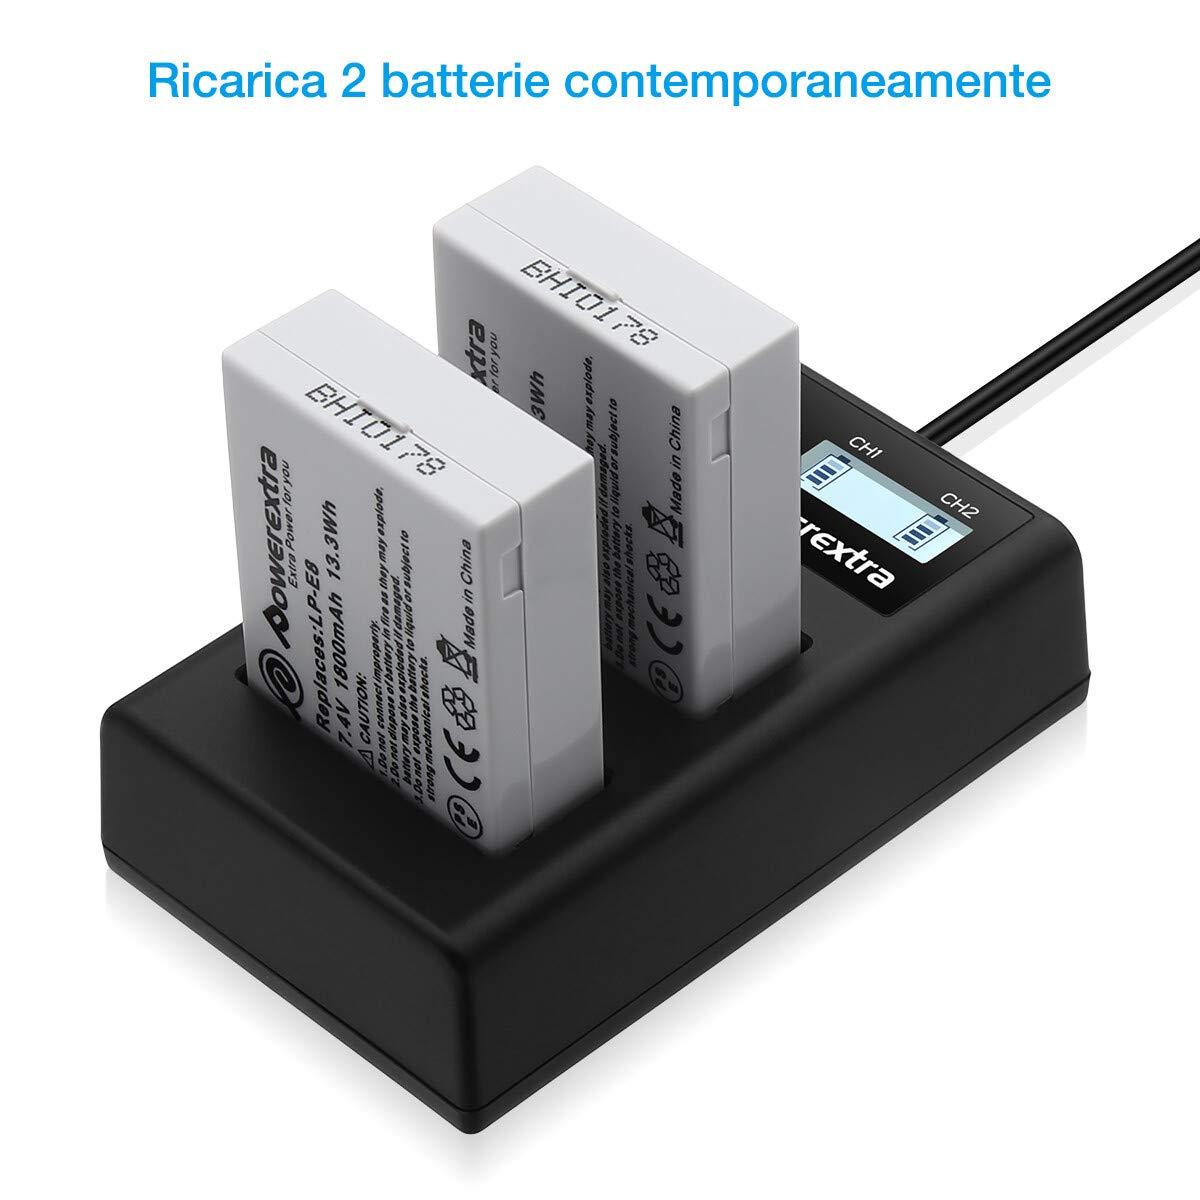 Powerextra Batteria LP-E17 1350mAh con caricatore Display LCD per Canon LP E17 Canon EOS Rebel T6i Rebel T6 Rebel T7i 750D 760D 8000D Kiss X8i 800D 77D 200D EOS SL2 EOS M3 EOS M6 EOS